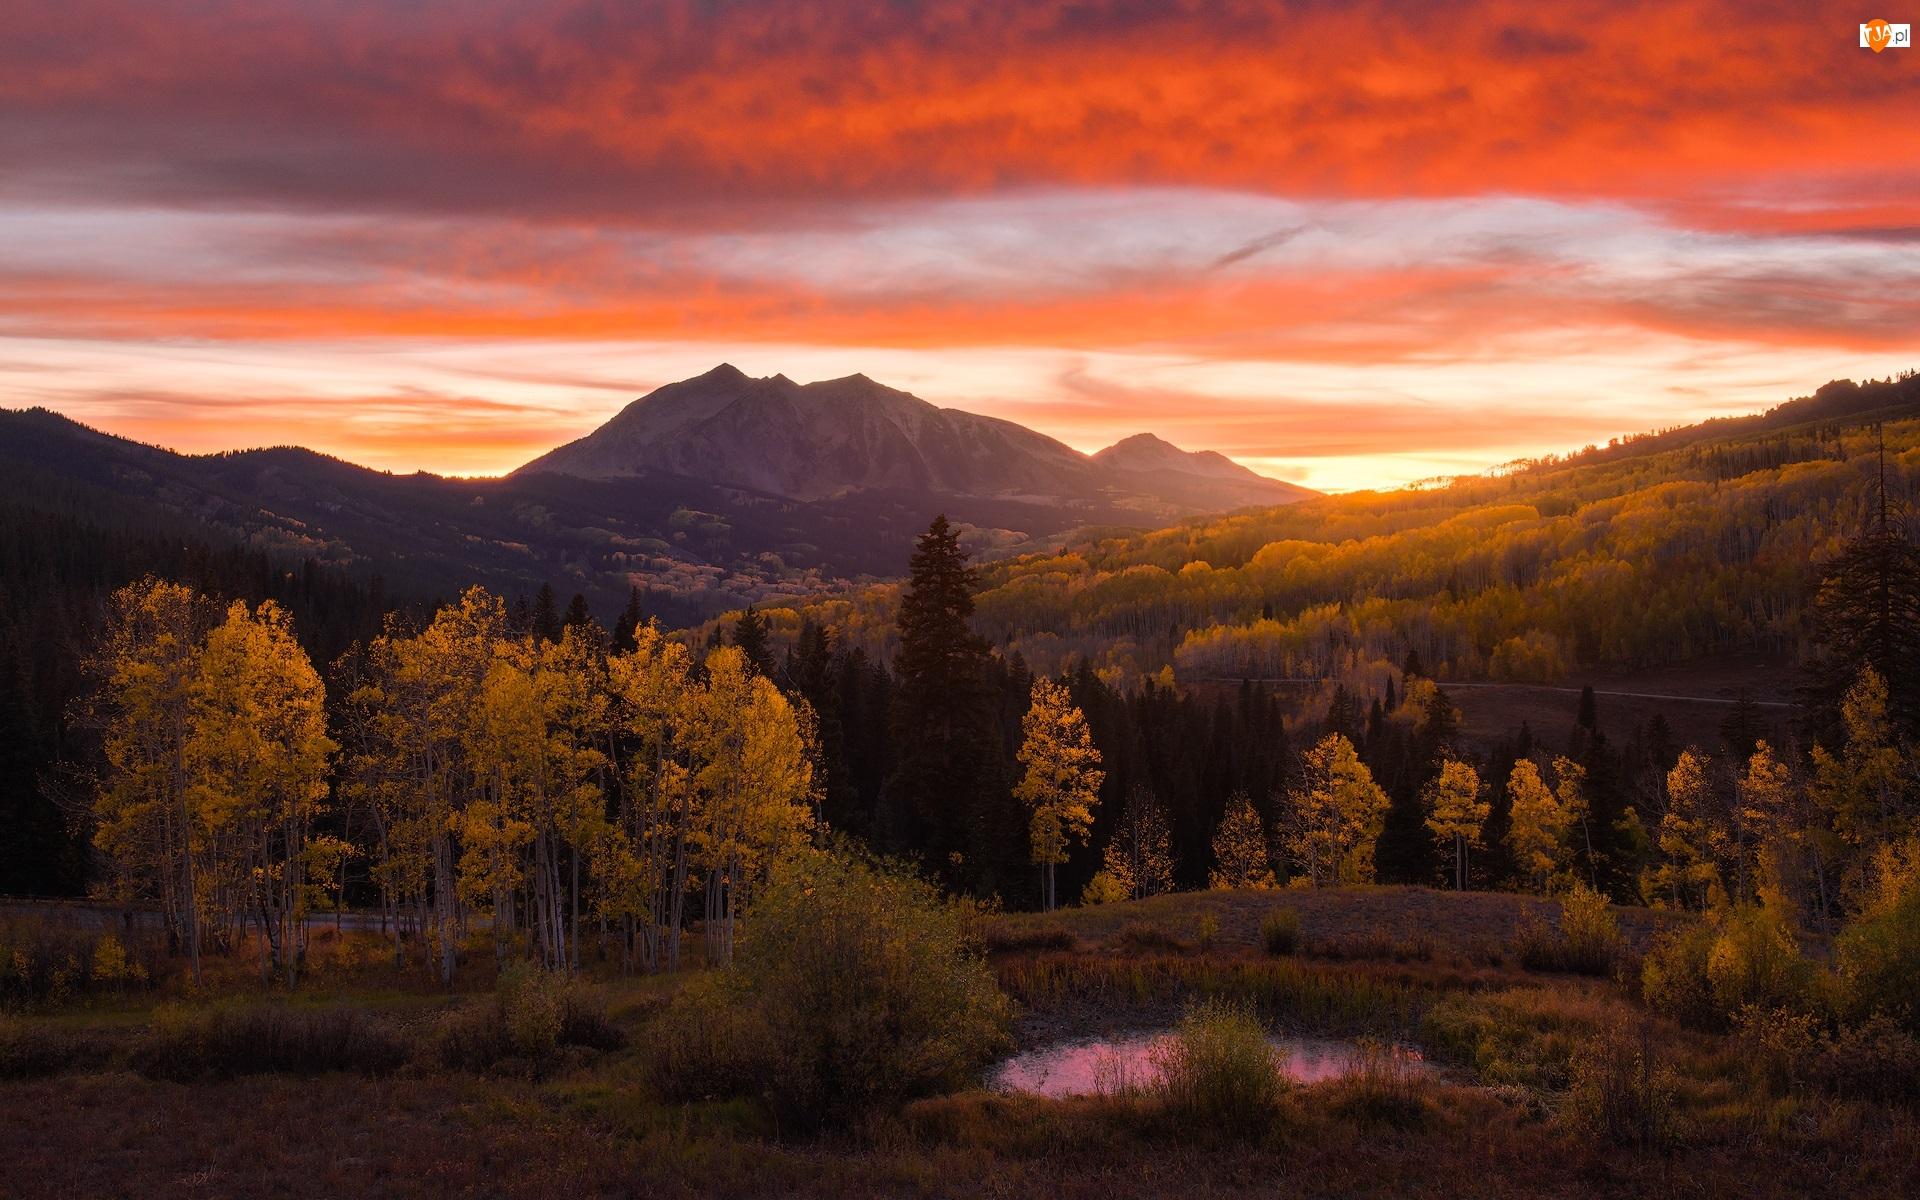 Las, Drzewa, Chmury, Góry, Zachód słońca, Droga, Jesień